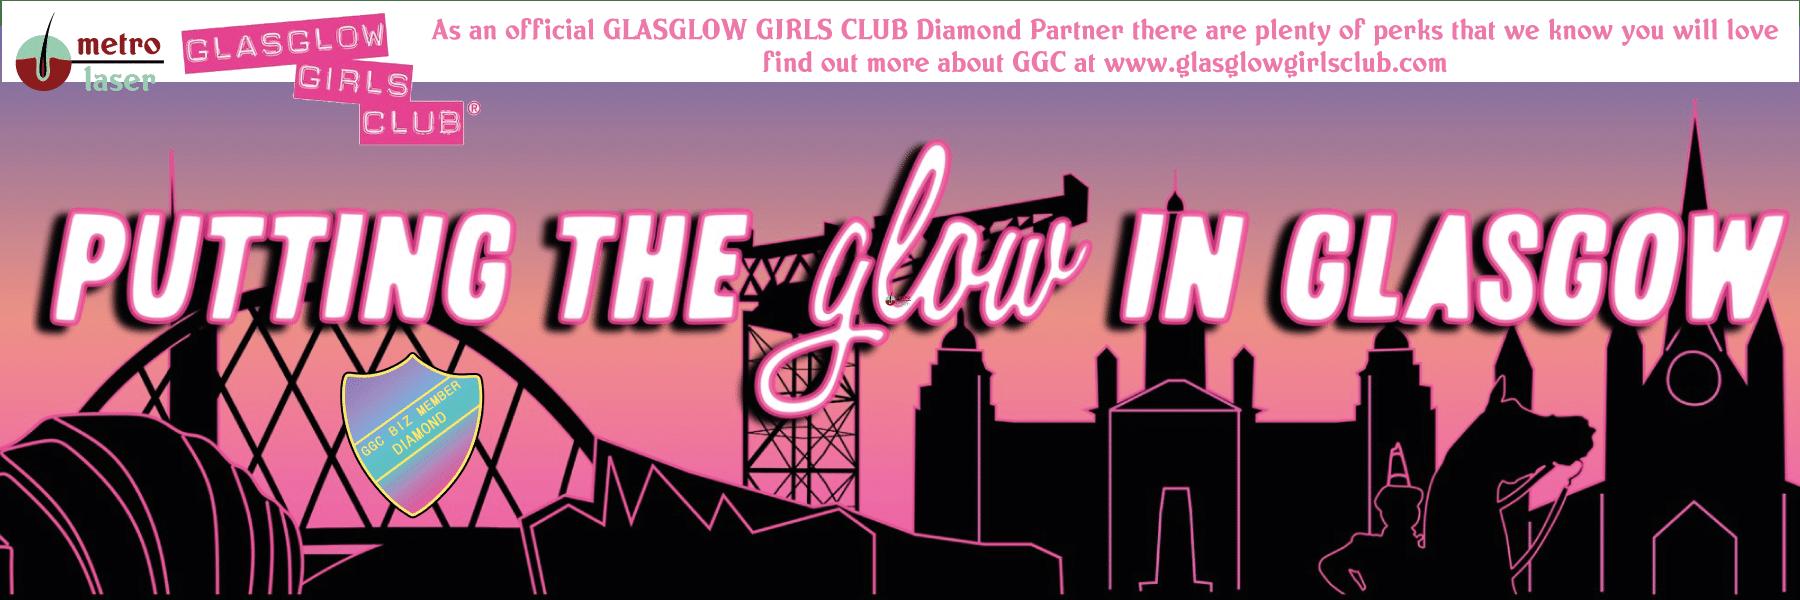 Glasglow Girls Club, Putting The Glow in Glasgow